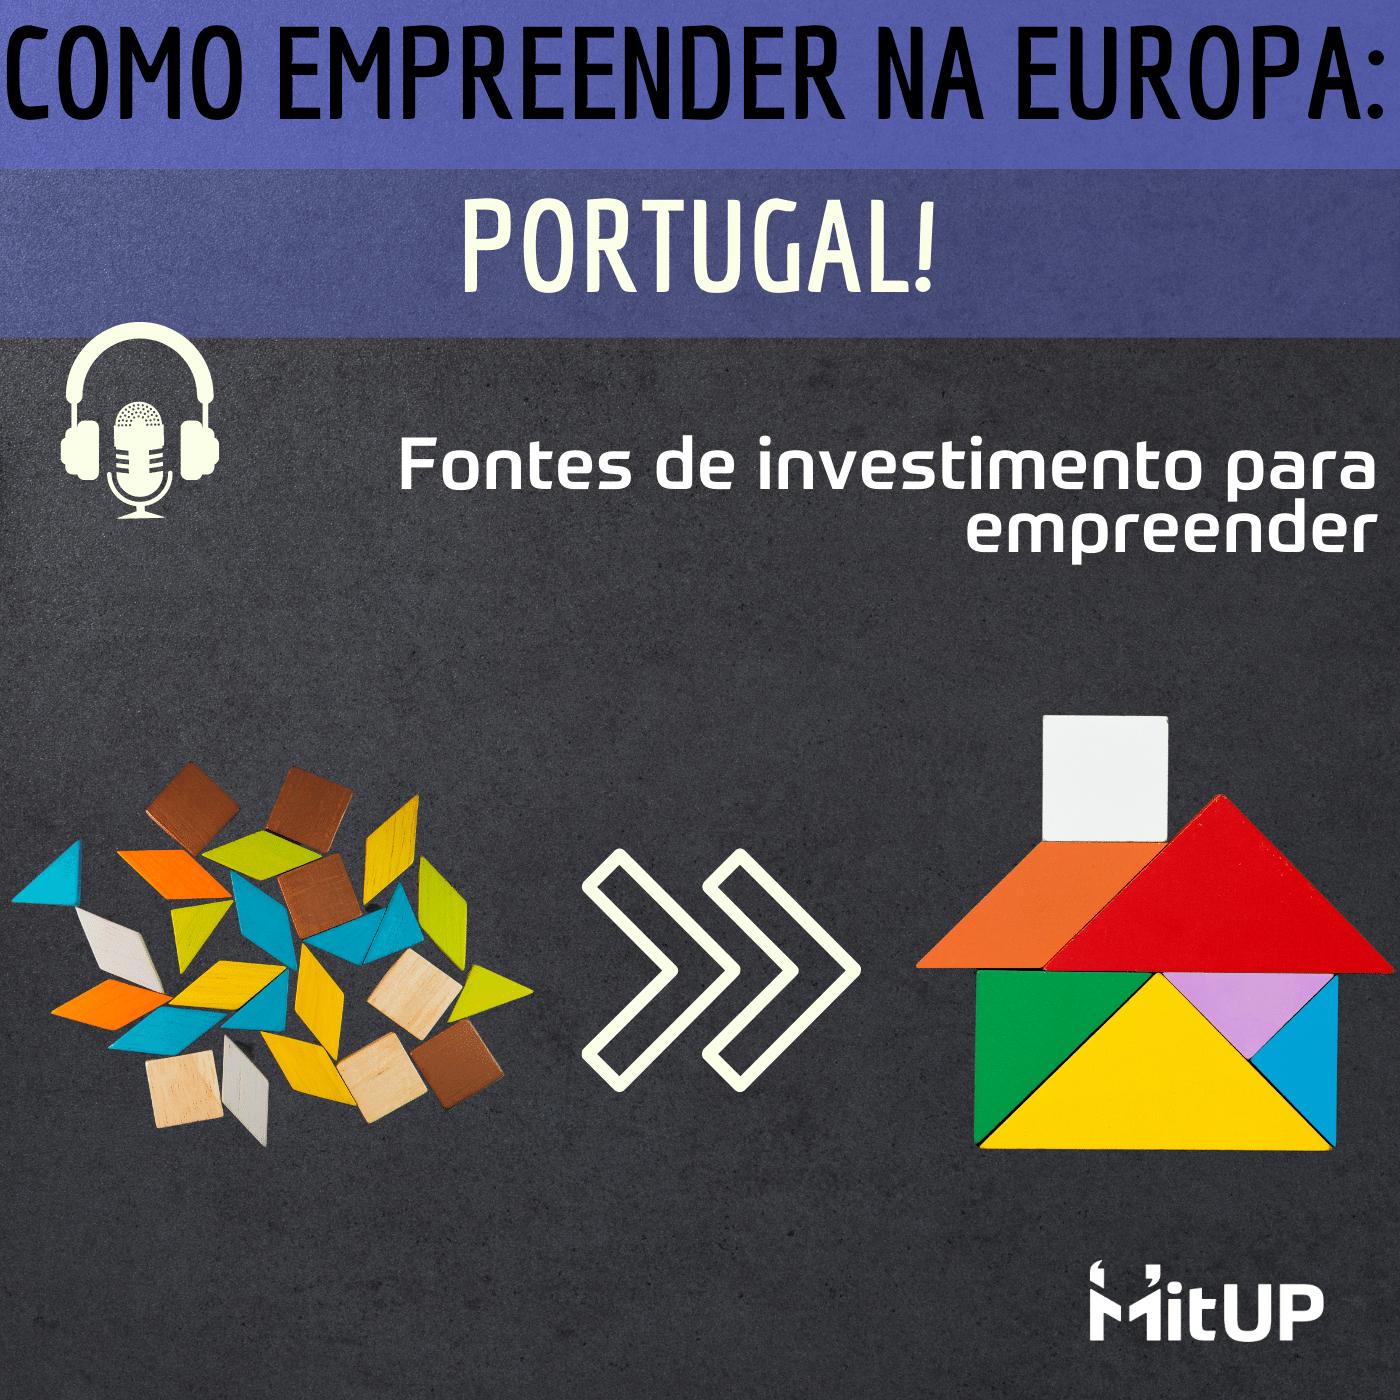 #004 – Fundos europeus e demais fontes de investimento